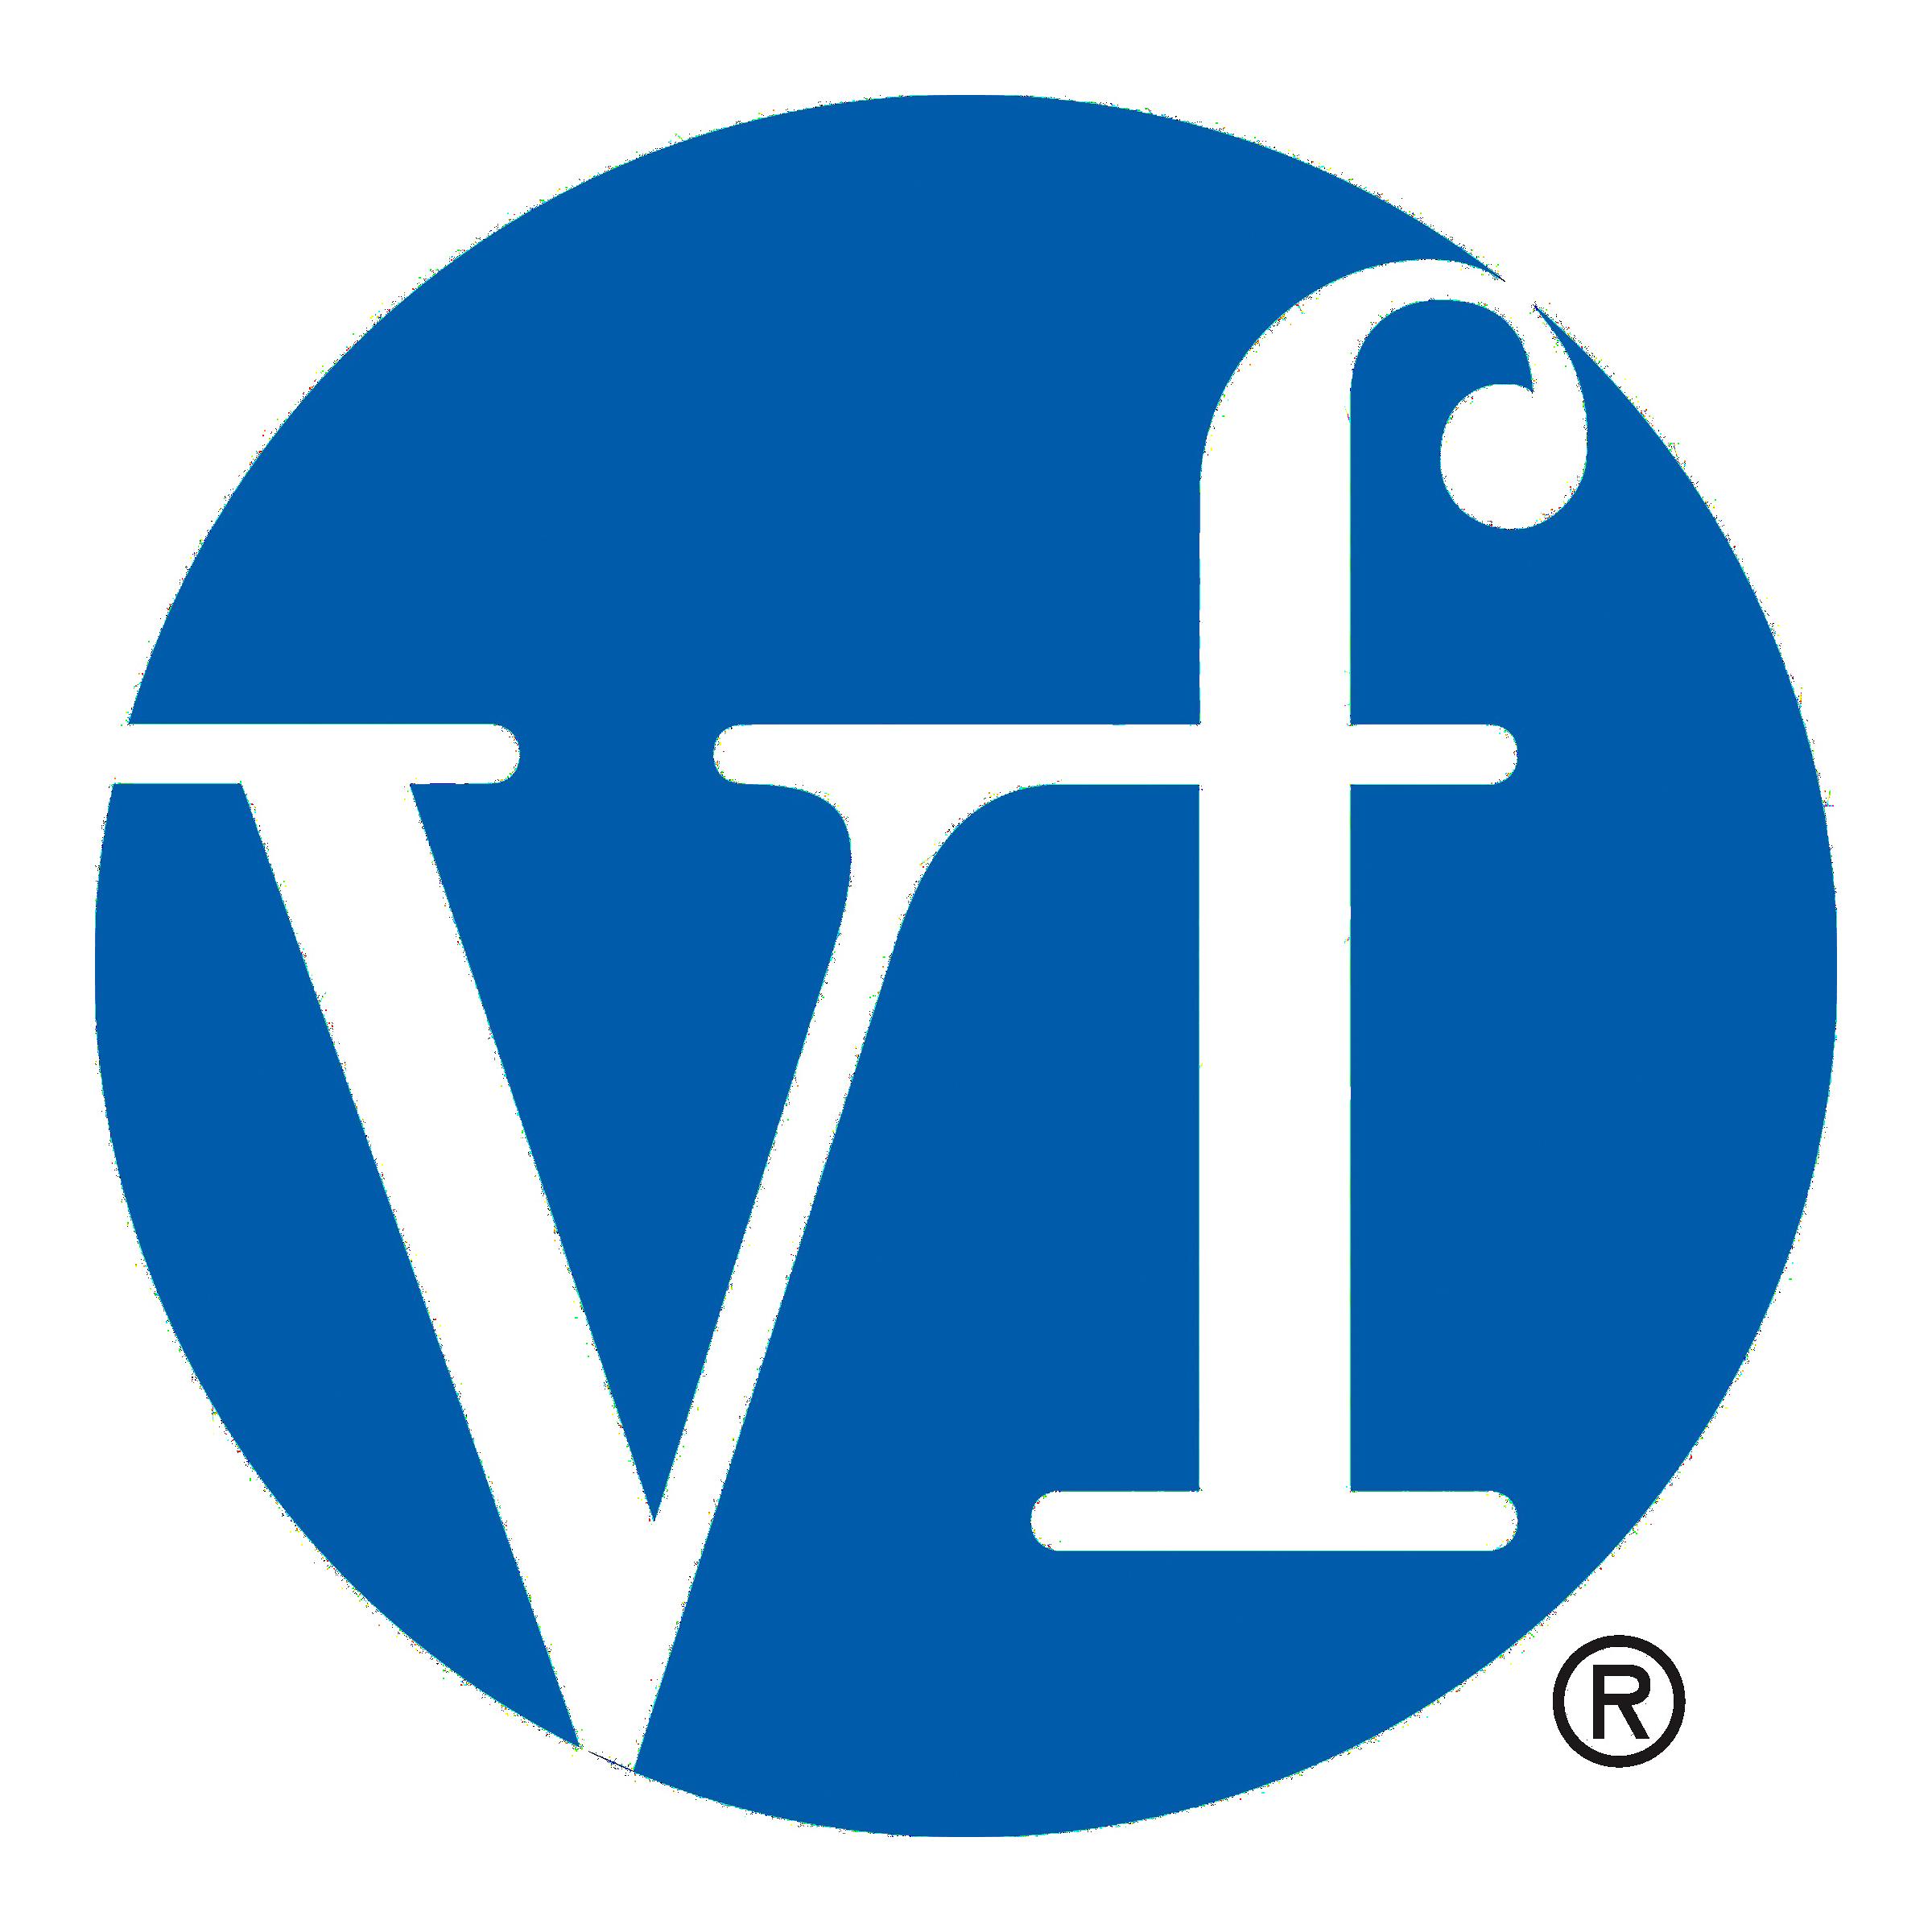 Vf Logo Png Image Logos Png Images Brand Logo